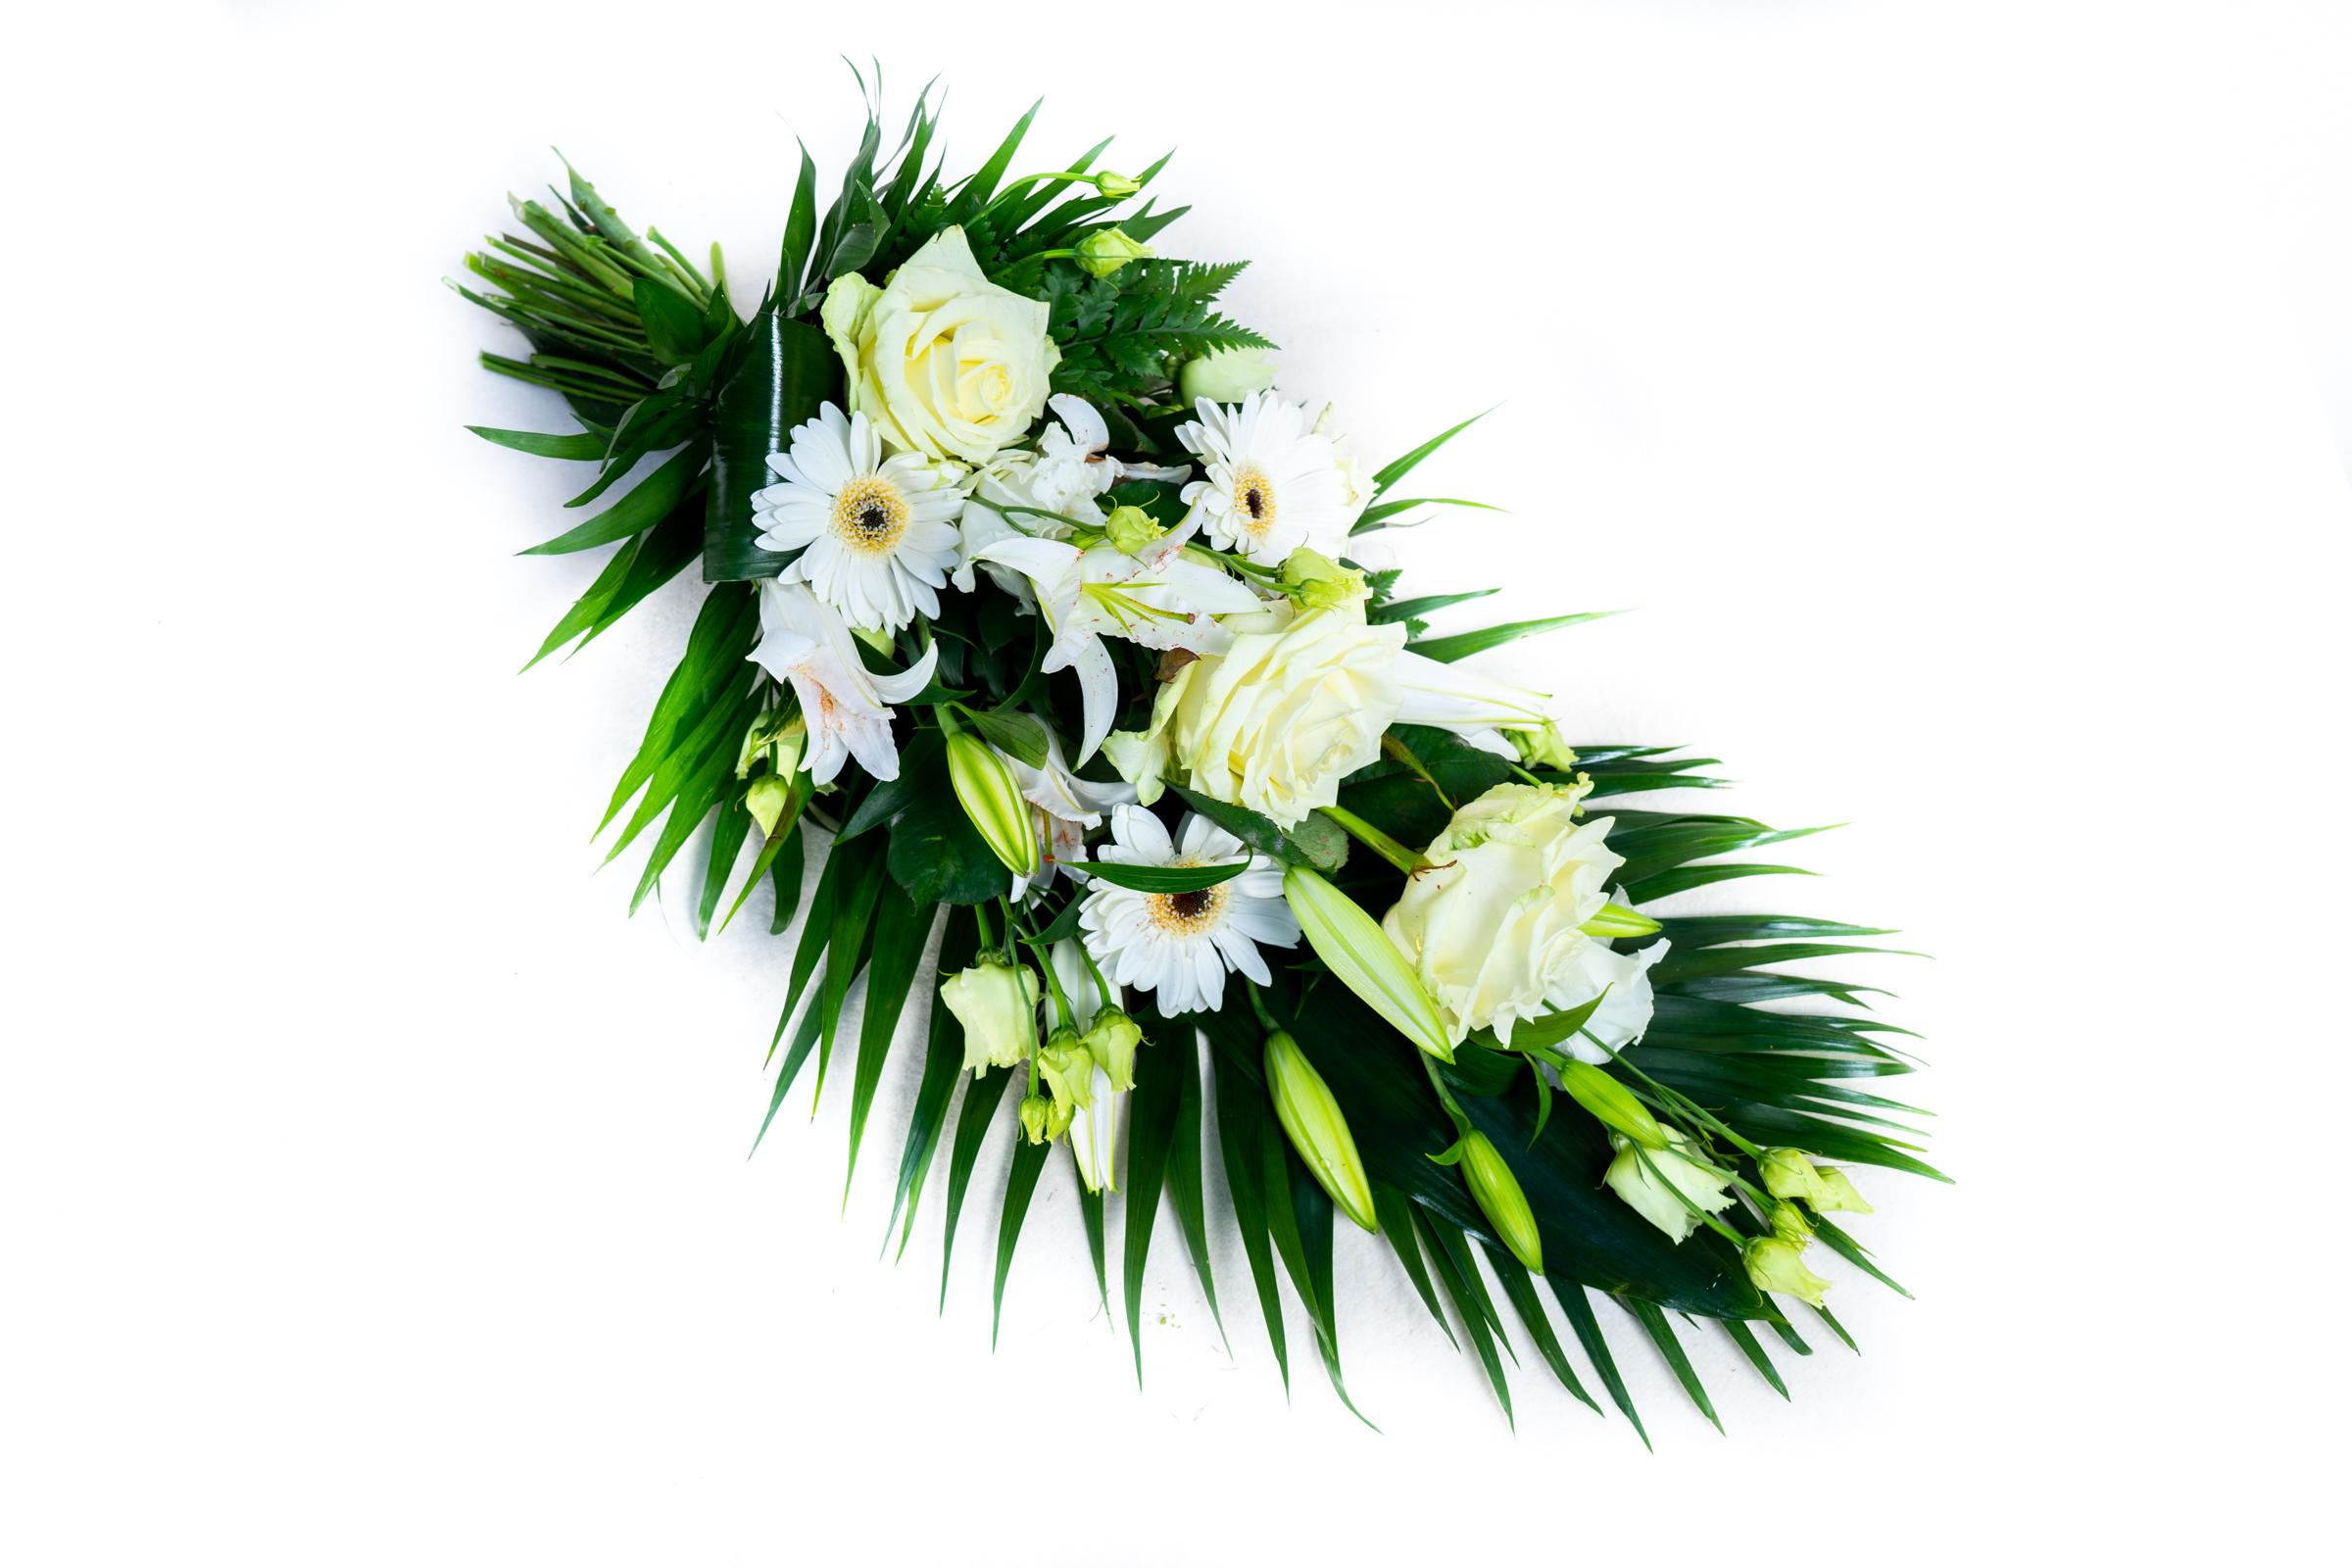 Strauß mit weißen Rosen